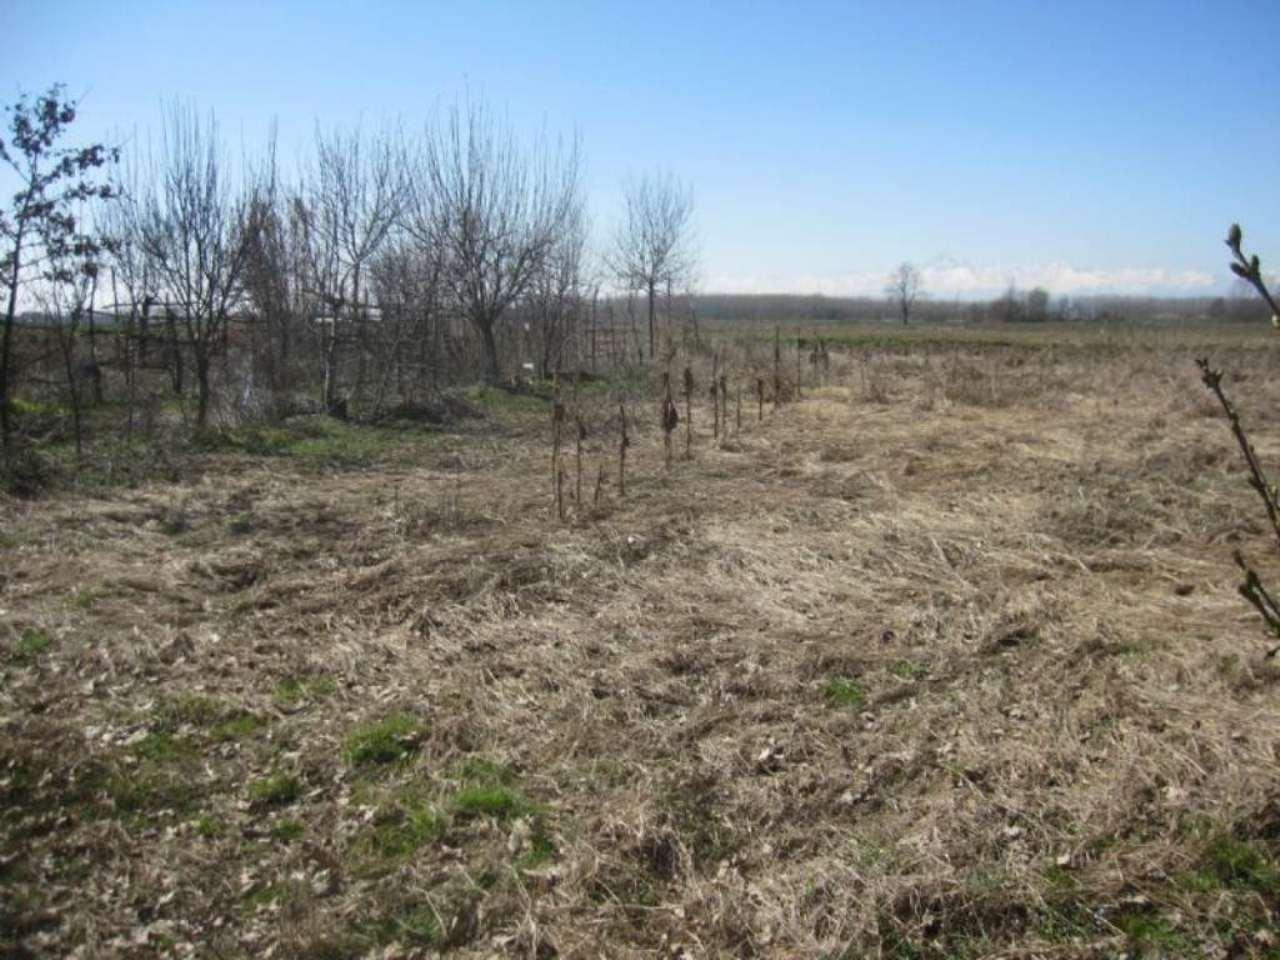 Terreno in vendita indirizzo su richiesta Carignano